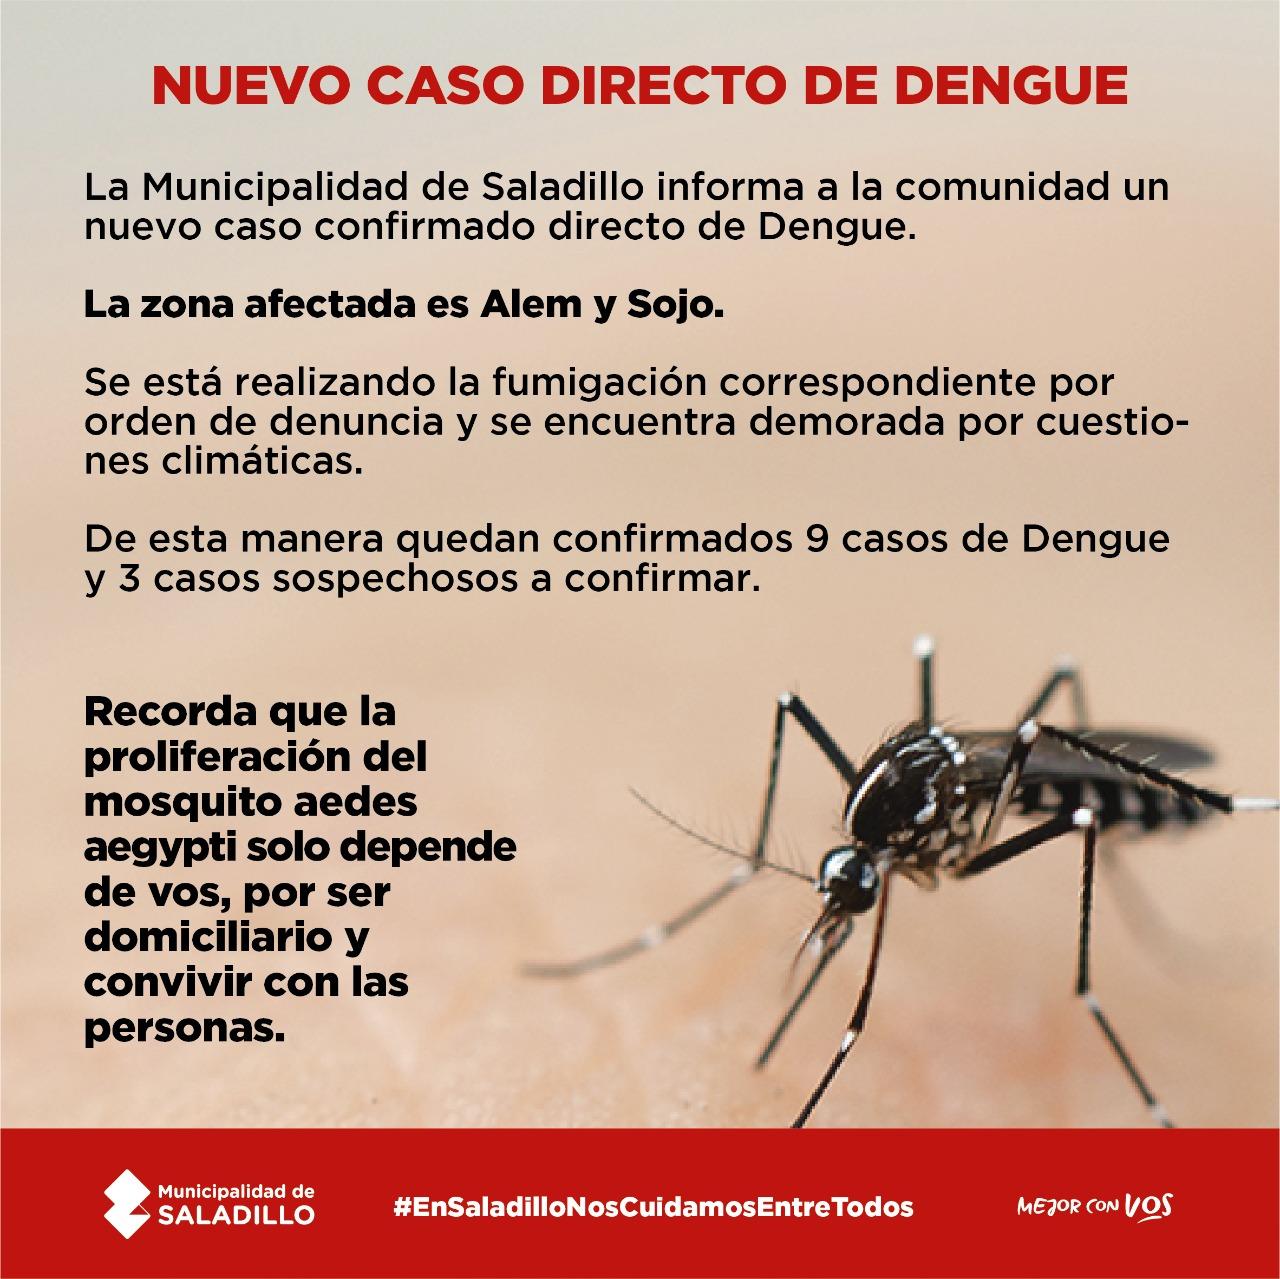 Nuevo caso de Dengue en Saladillo